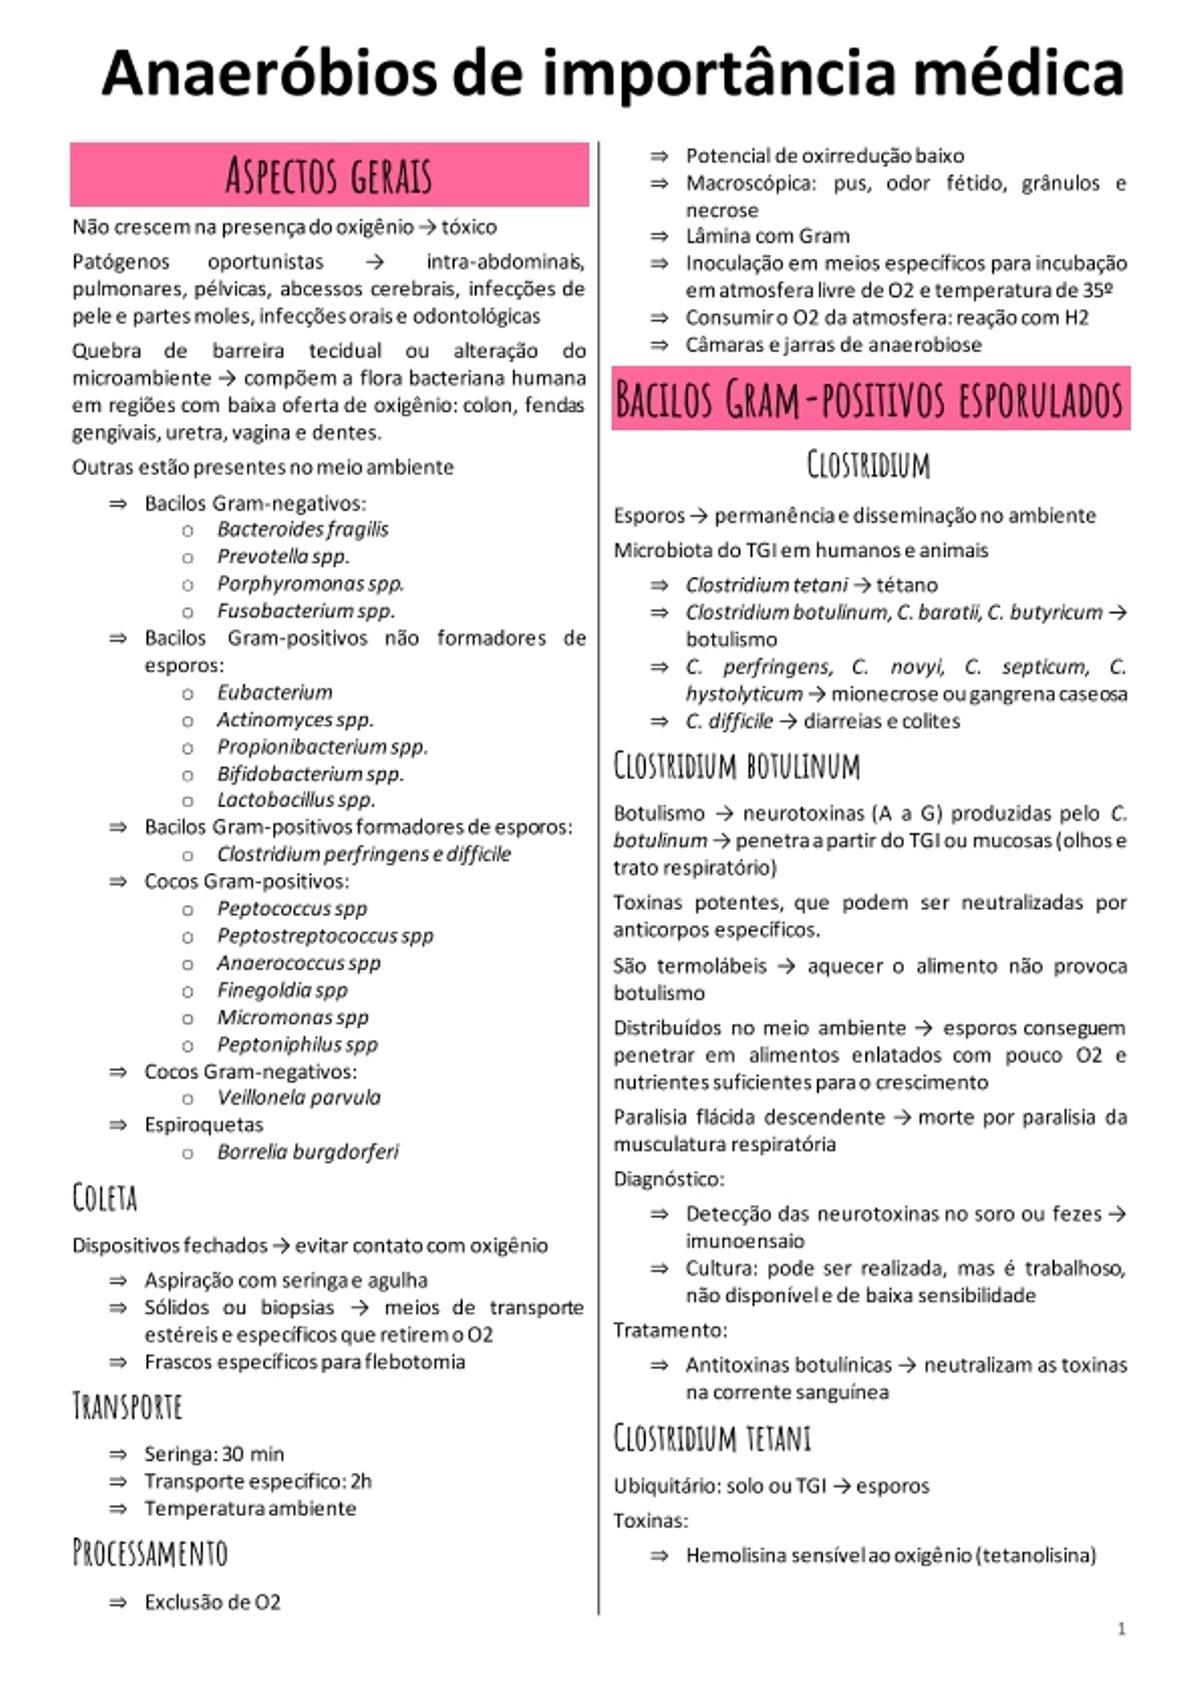 Pre-visualização do material ANAERÓBIOS DE IMPORTANCIA MÉDICA - página 1